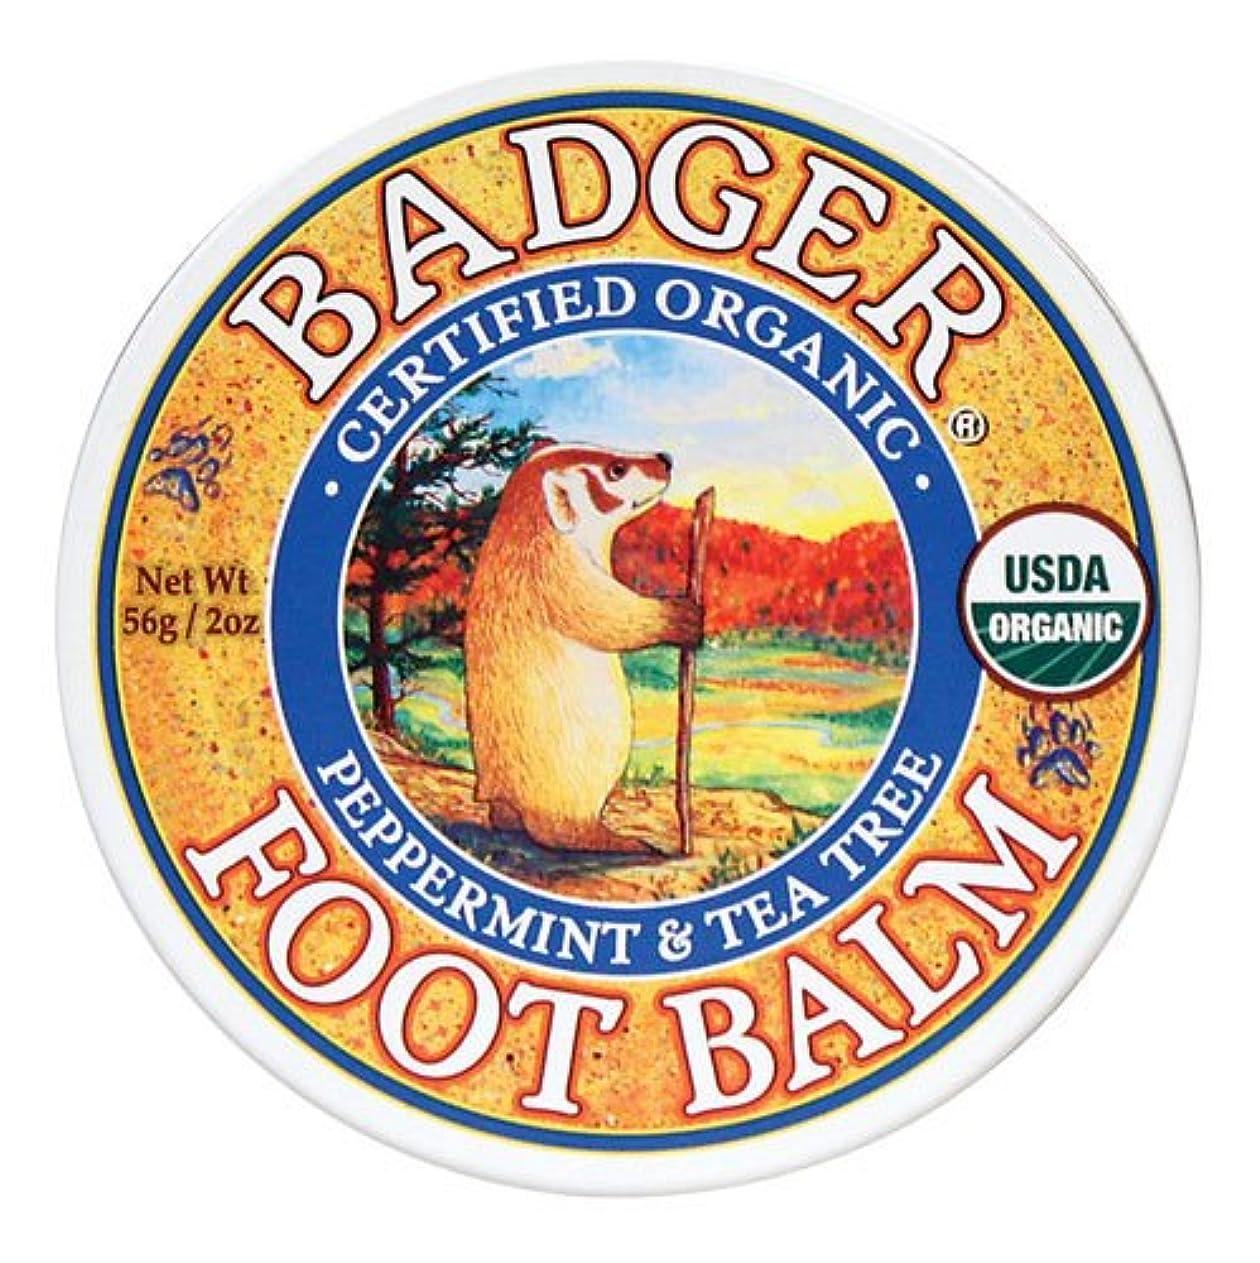 画像地元惑星Badger バジャー オーガニックフットクリーム ペパーミント & ティーツリー 56g【海外直送品】【並行輸入品】